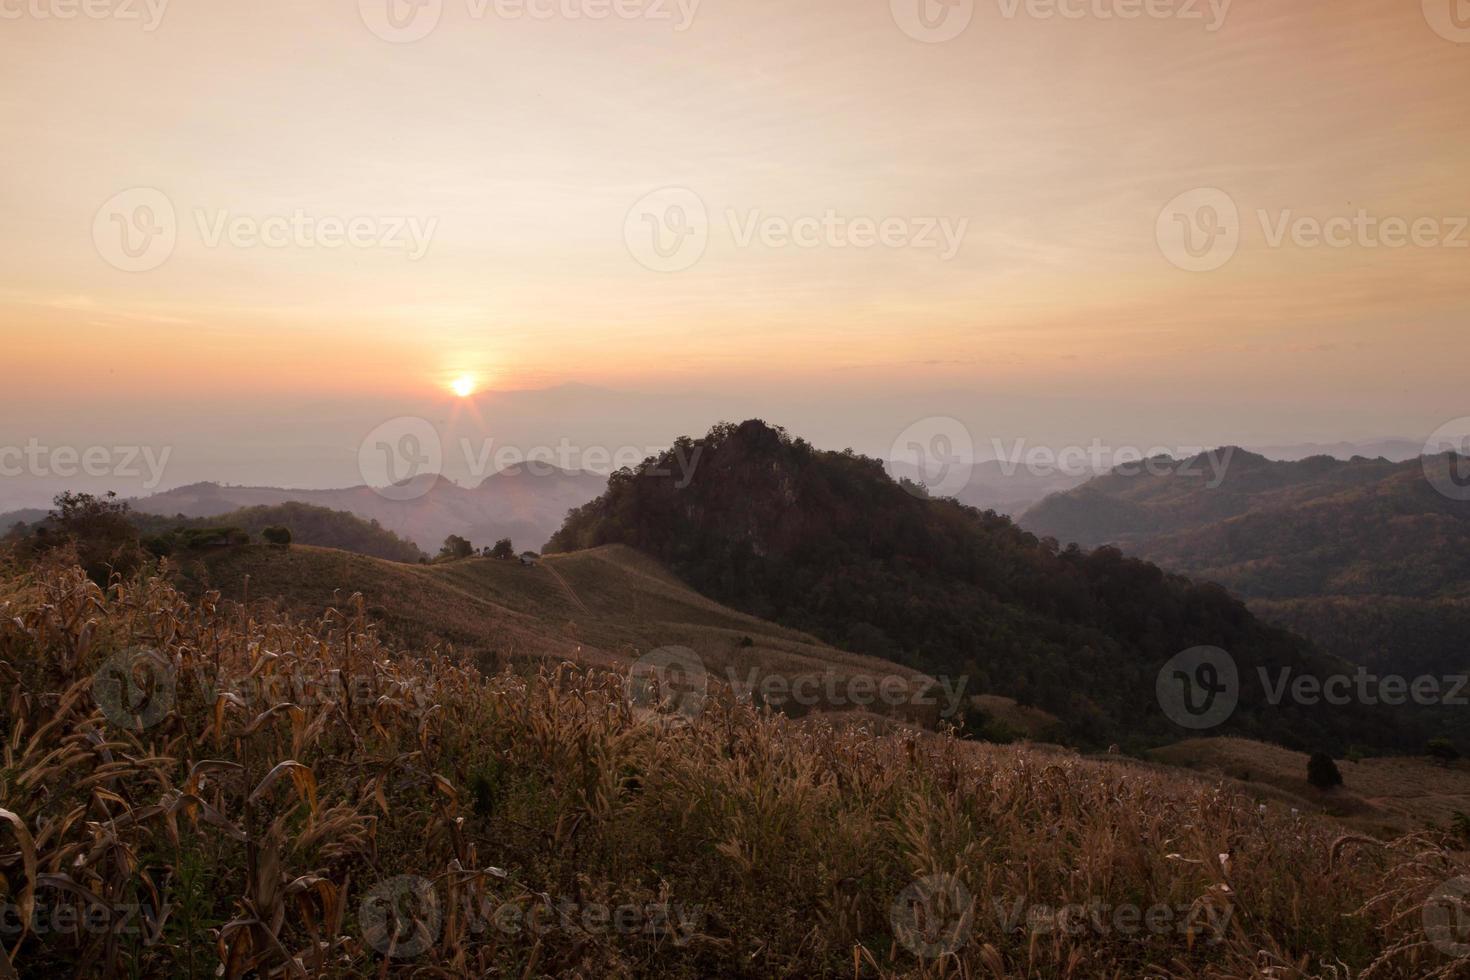 doi samer dao, ponto de vista ao norte da Tailândia. foto